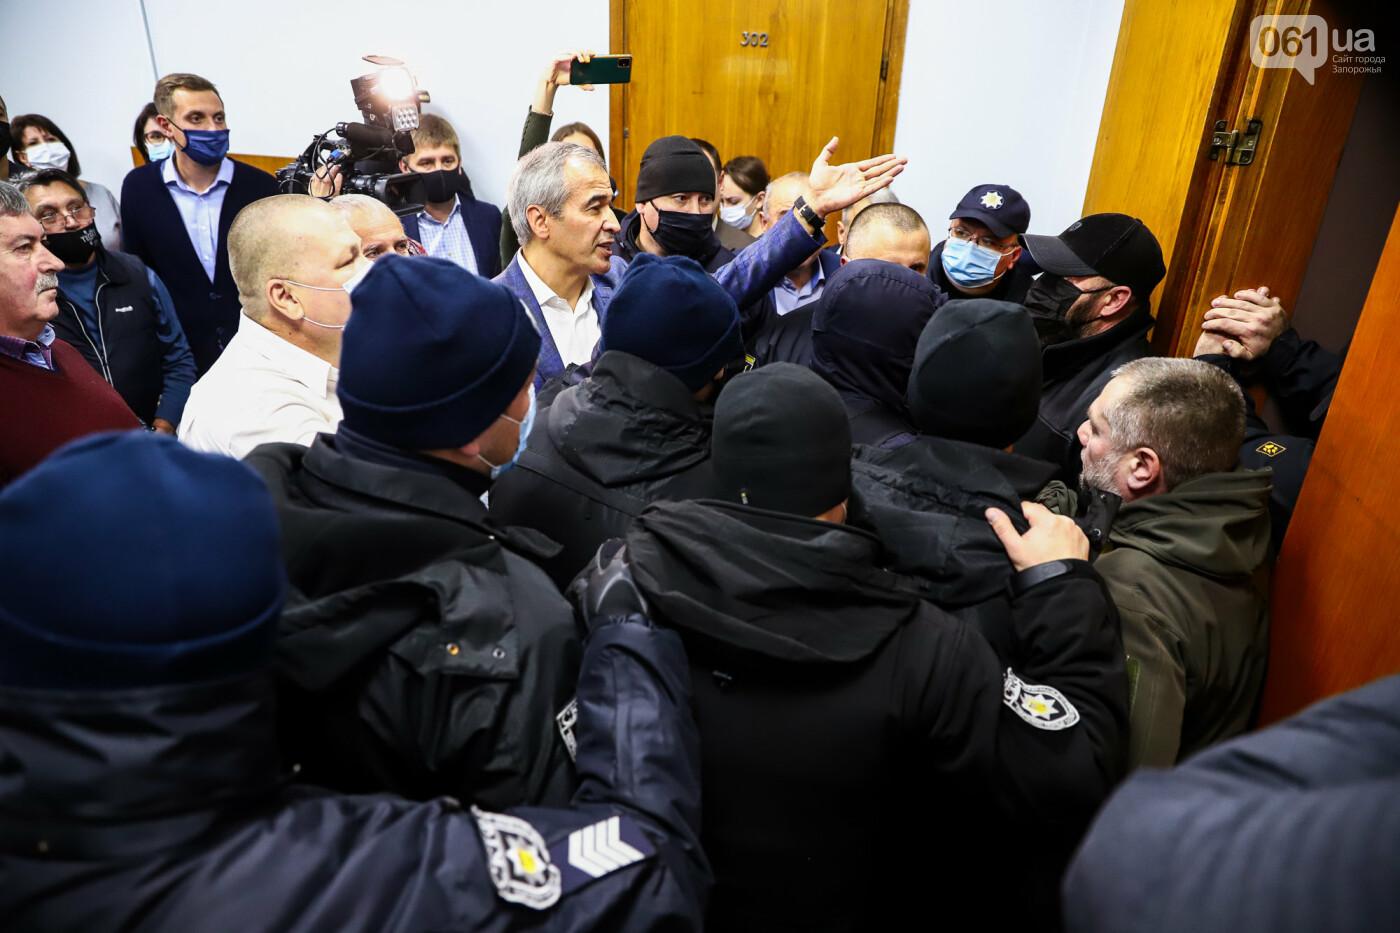 """Тайная """"сессия"""", сотни правоохранителей и стычки с активистами - что происходило в здании Запорожского облсовета, - ФОТО, ВИДЕО , фото-43"""